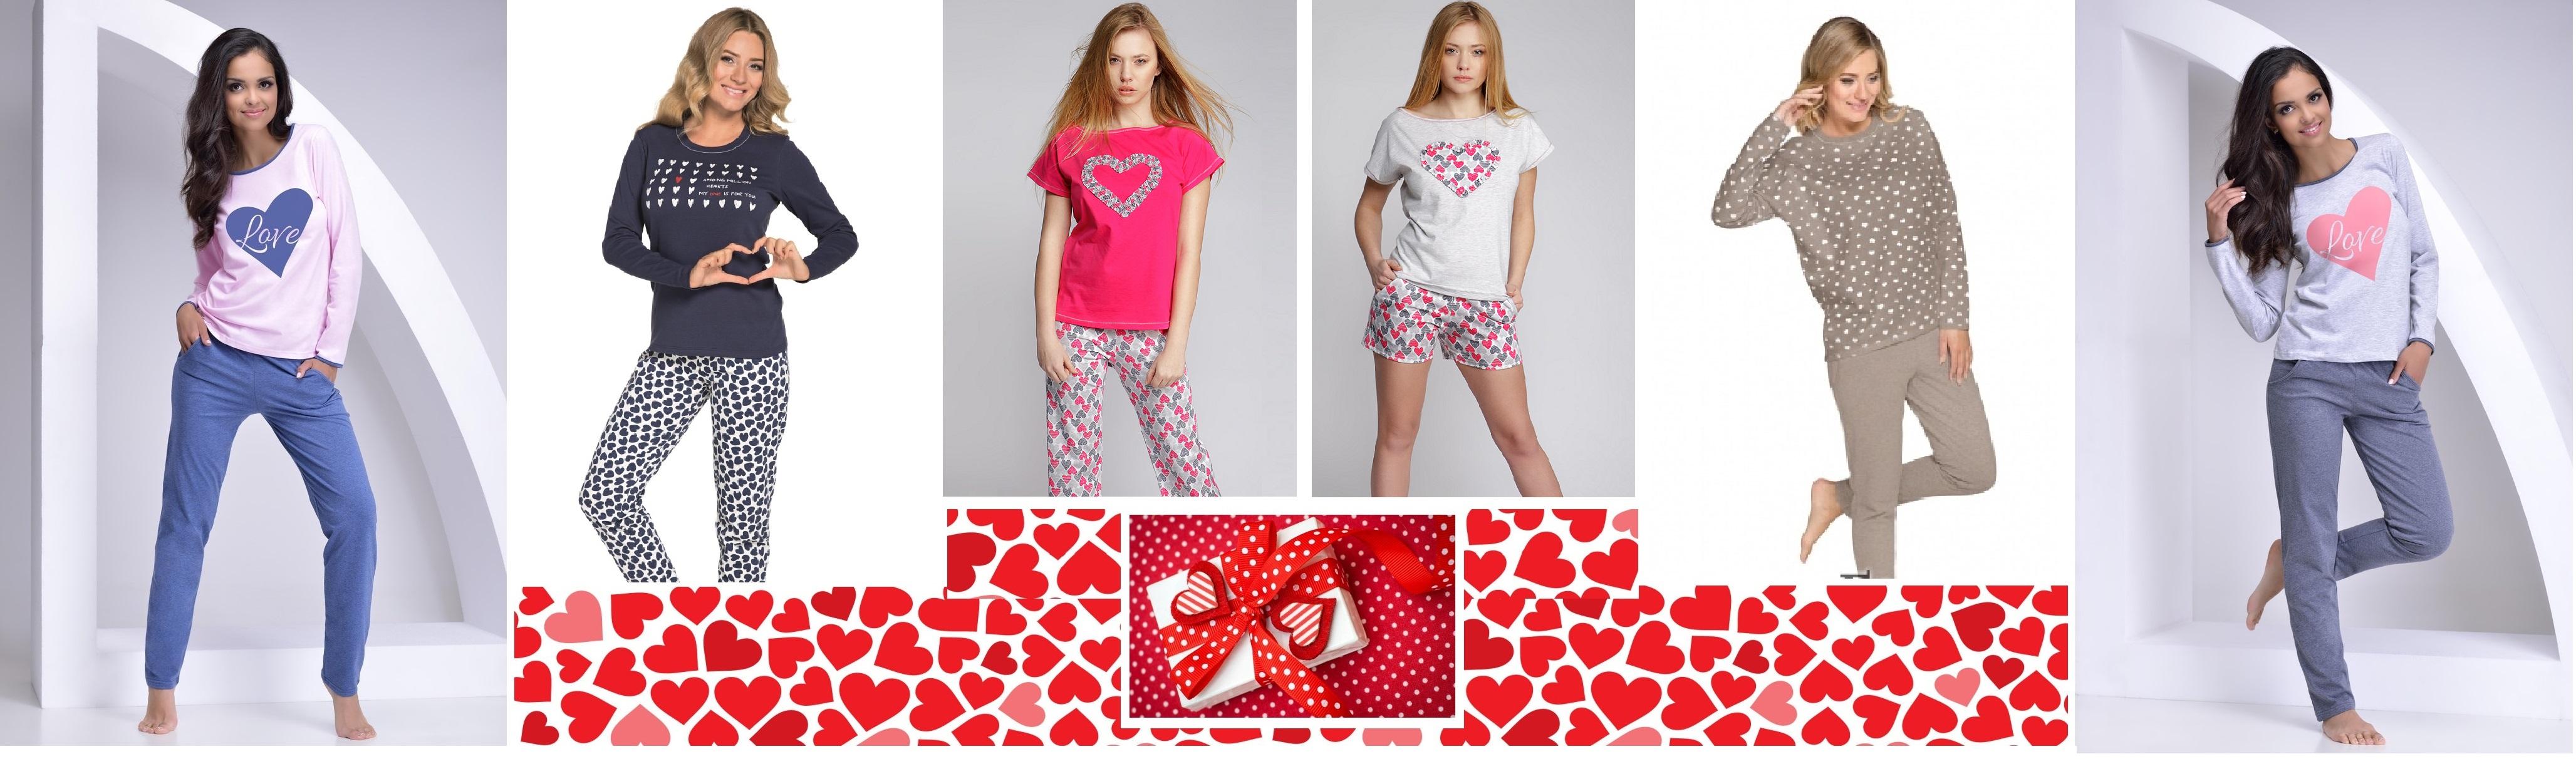 Женские пижамы хлопок купить в интернет-магазине Киев